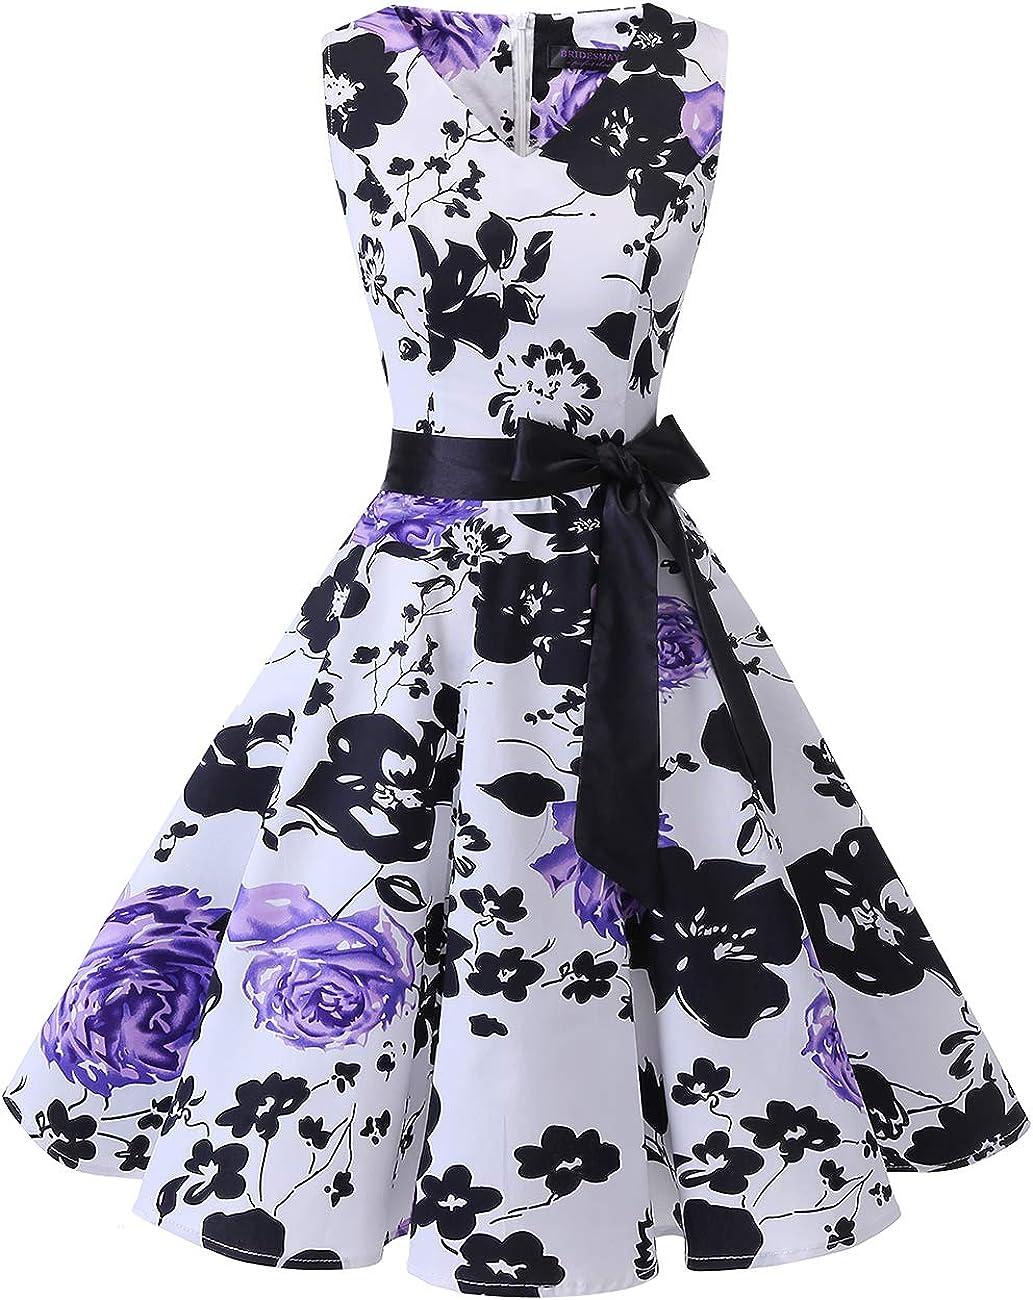 TALLA 3XL. Bridesmay Vestido de Cóctel Fiesta Mujer Verano Años 50 Vintage Rockabilly Sin Mangas Pin Up White Purple Flower 3XL